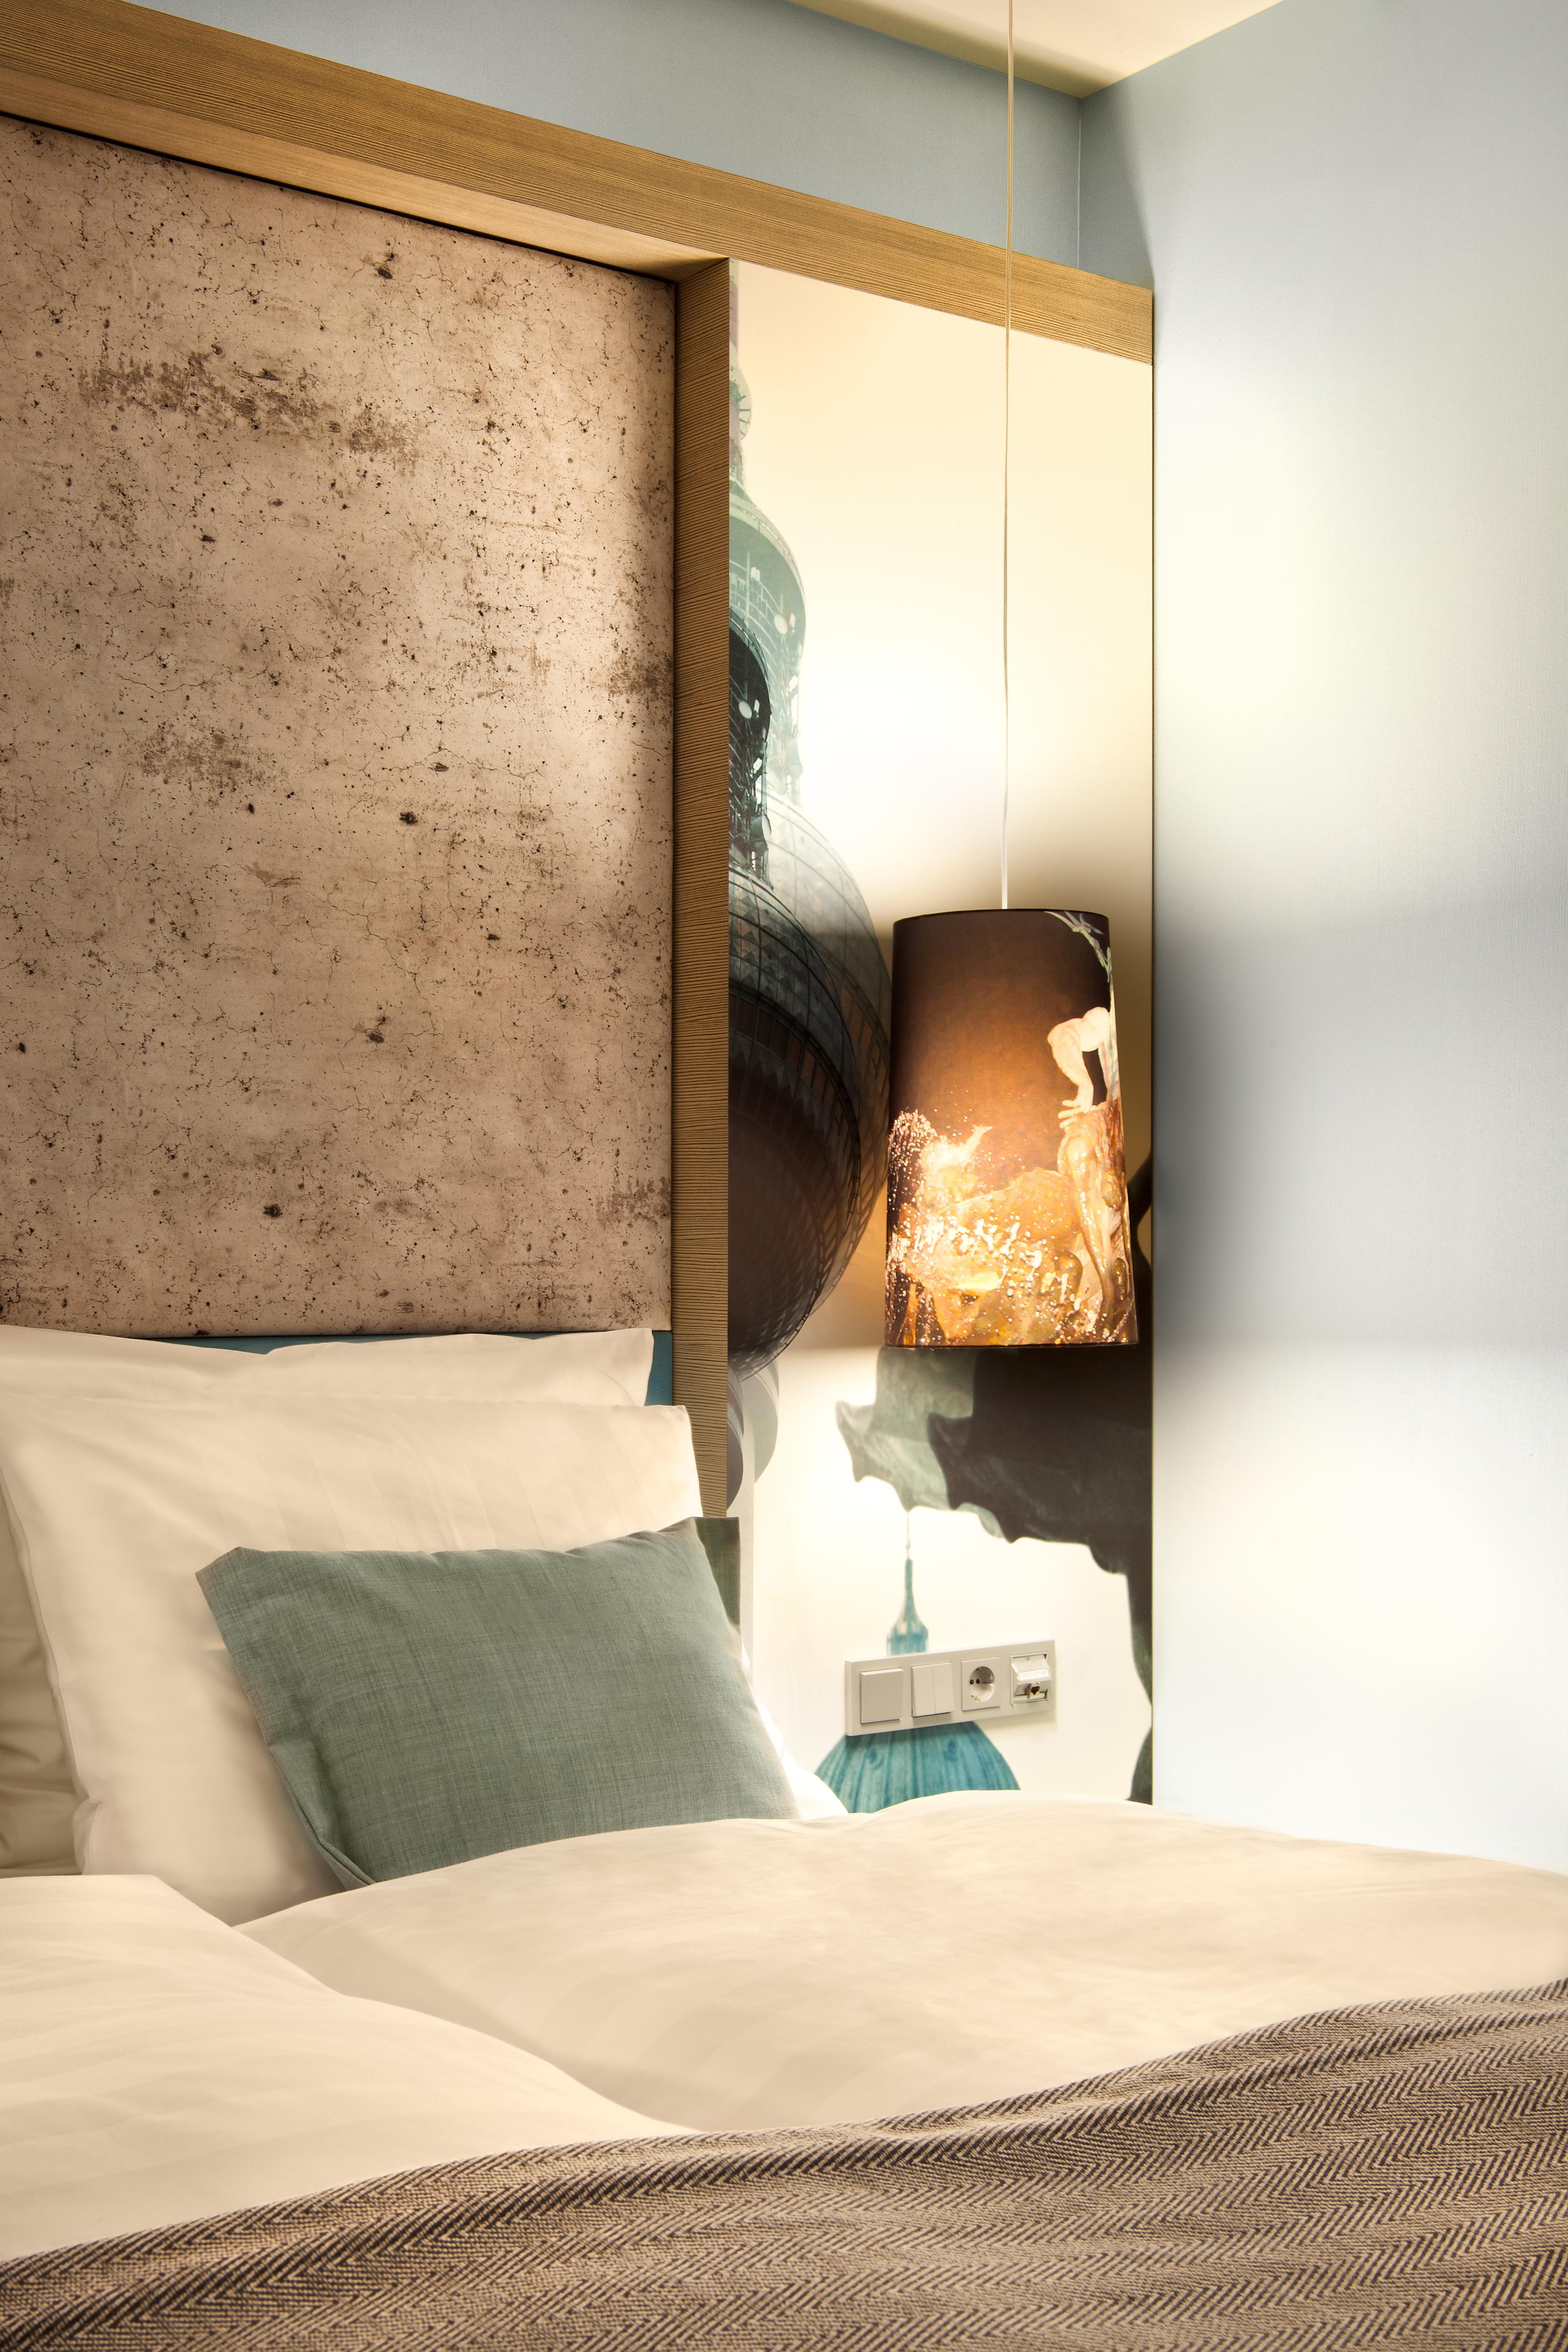 Desain kamar tidur lantai kayu kumpulan desain rumah for Dekor kamar tidur hotel